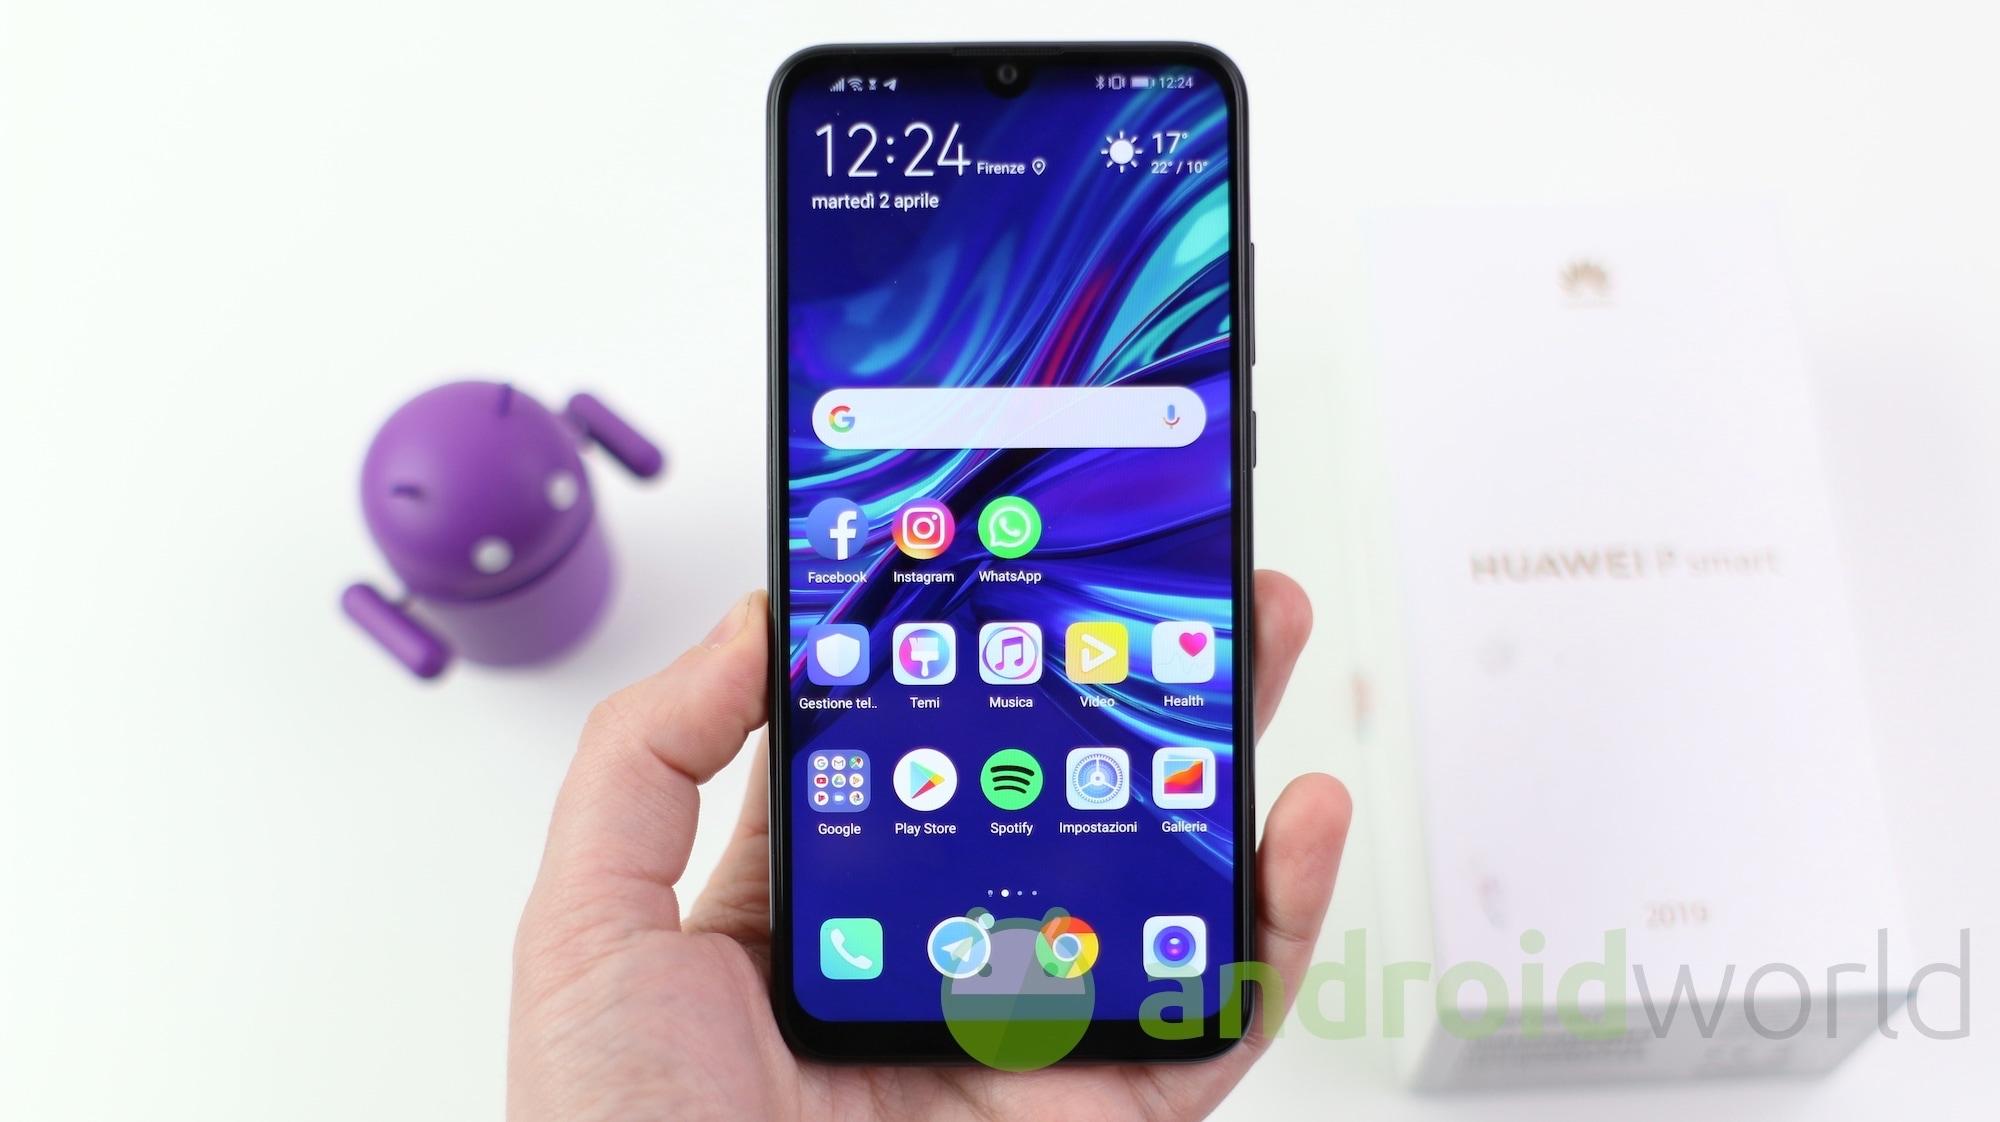 Huawei P Smart+ 2019, OnePlus 6T e Honor Play oggi al miglior prezzo su Amazon